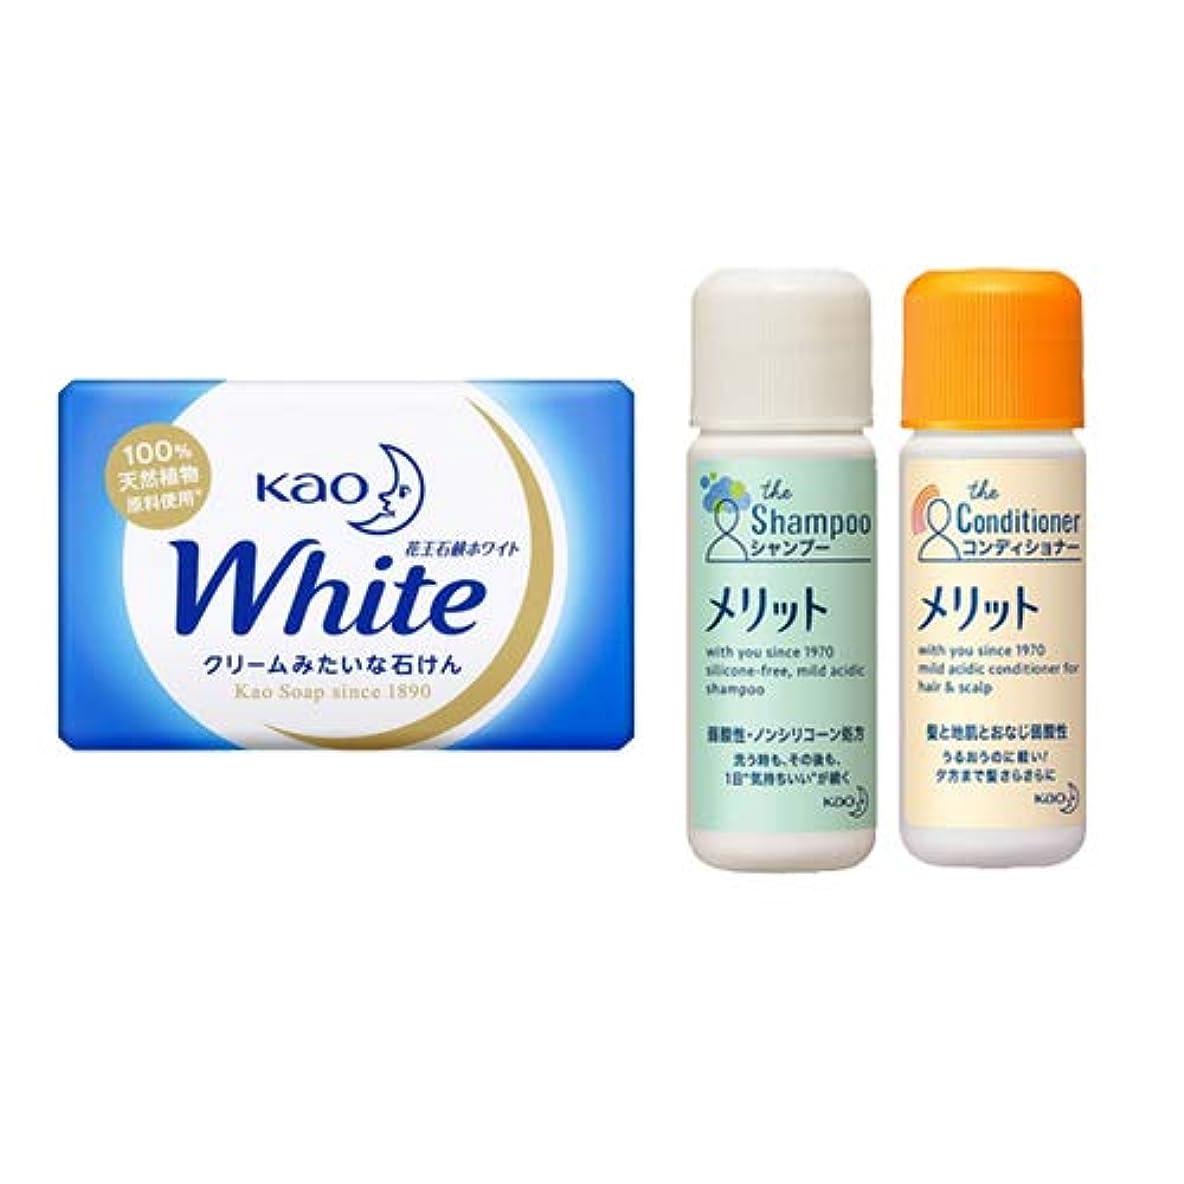 ライセンス前任者ルーフ花王(KAO) 石鹸ホワイト(Kao Soap White) 15g + メリットシャンプー 16ml + リンス 16ml セット